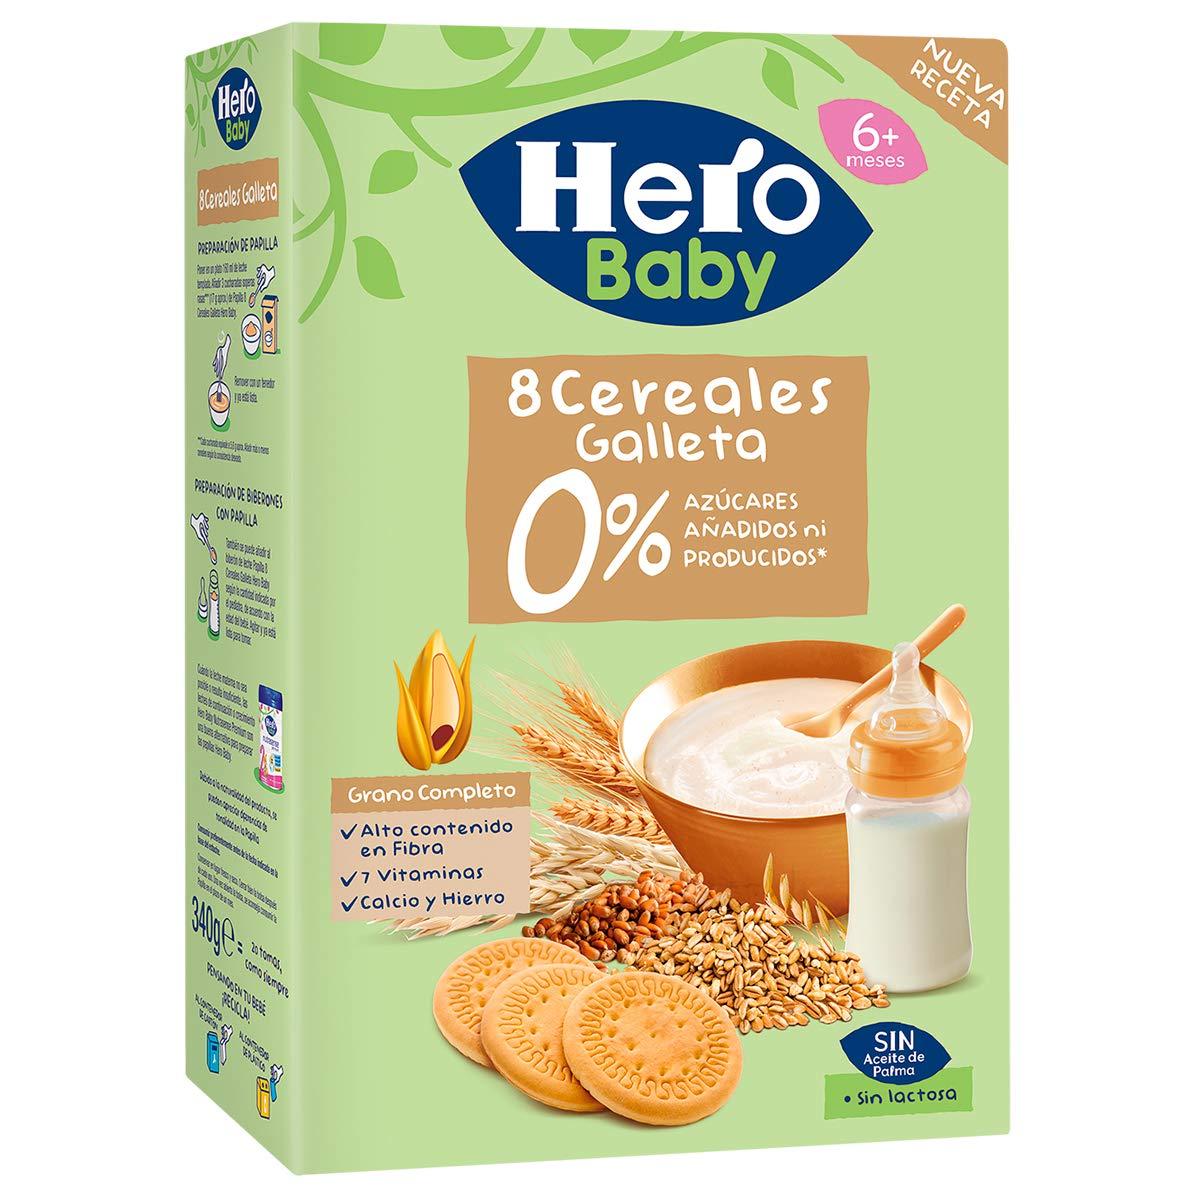 Hero Babynatur - Cereales Con Galleta Maria 500 g